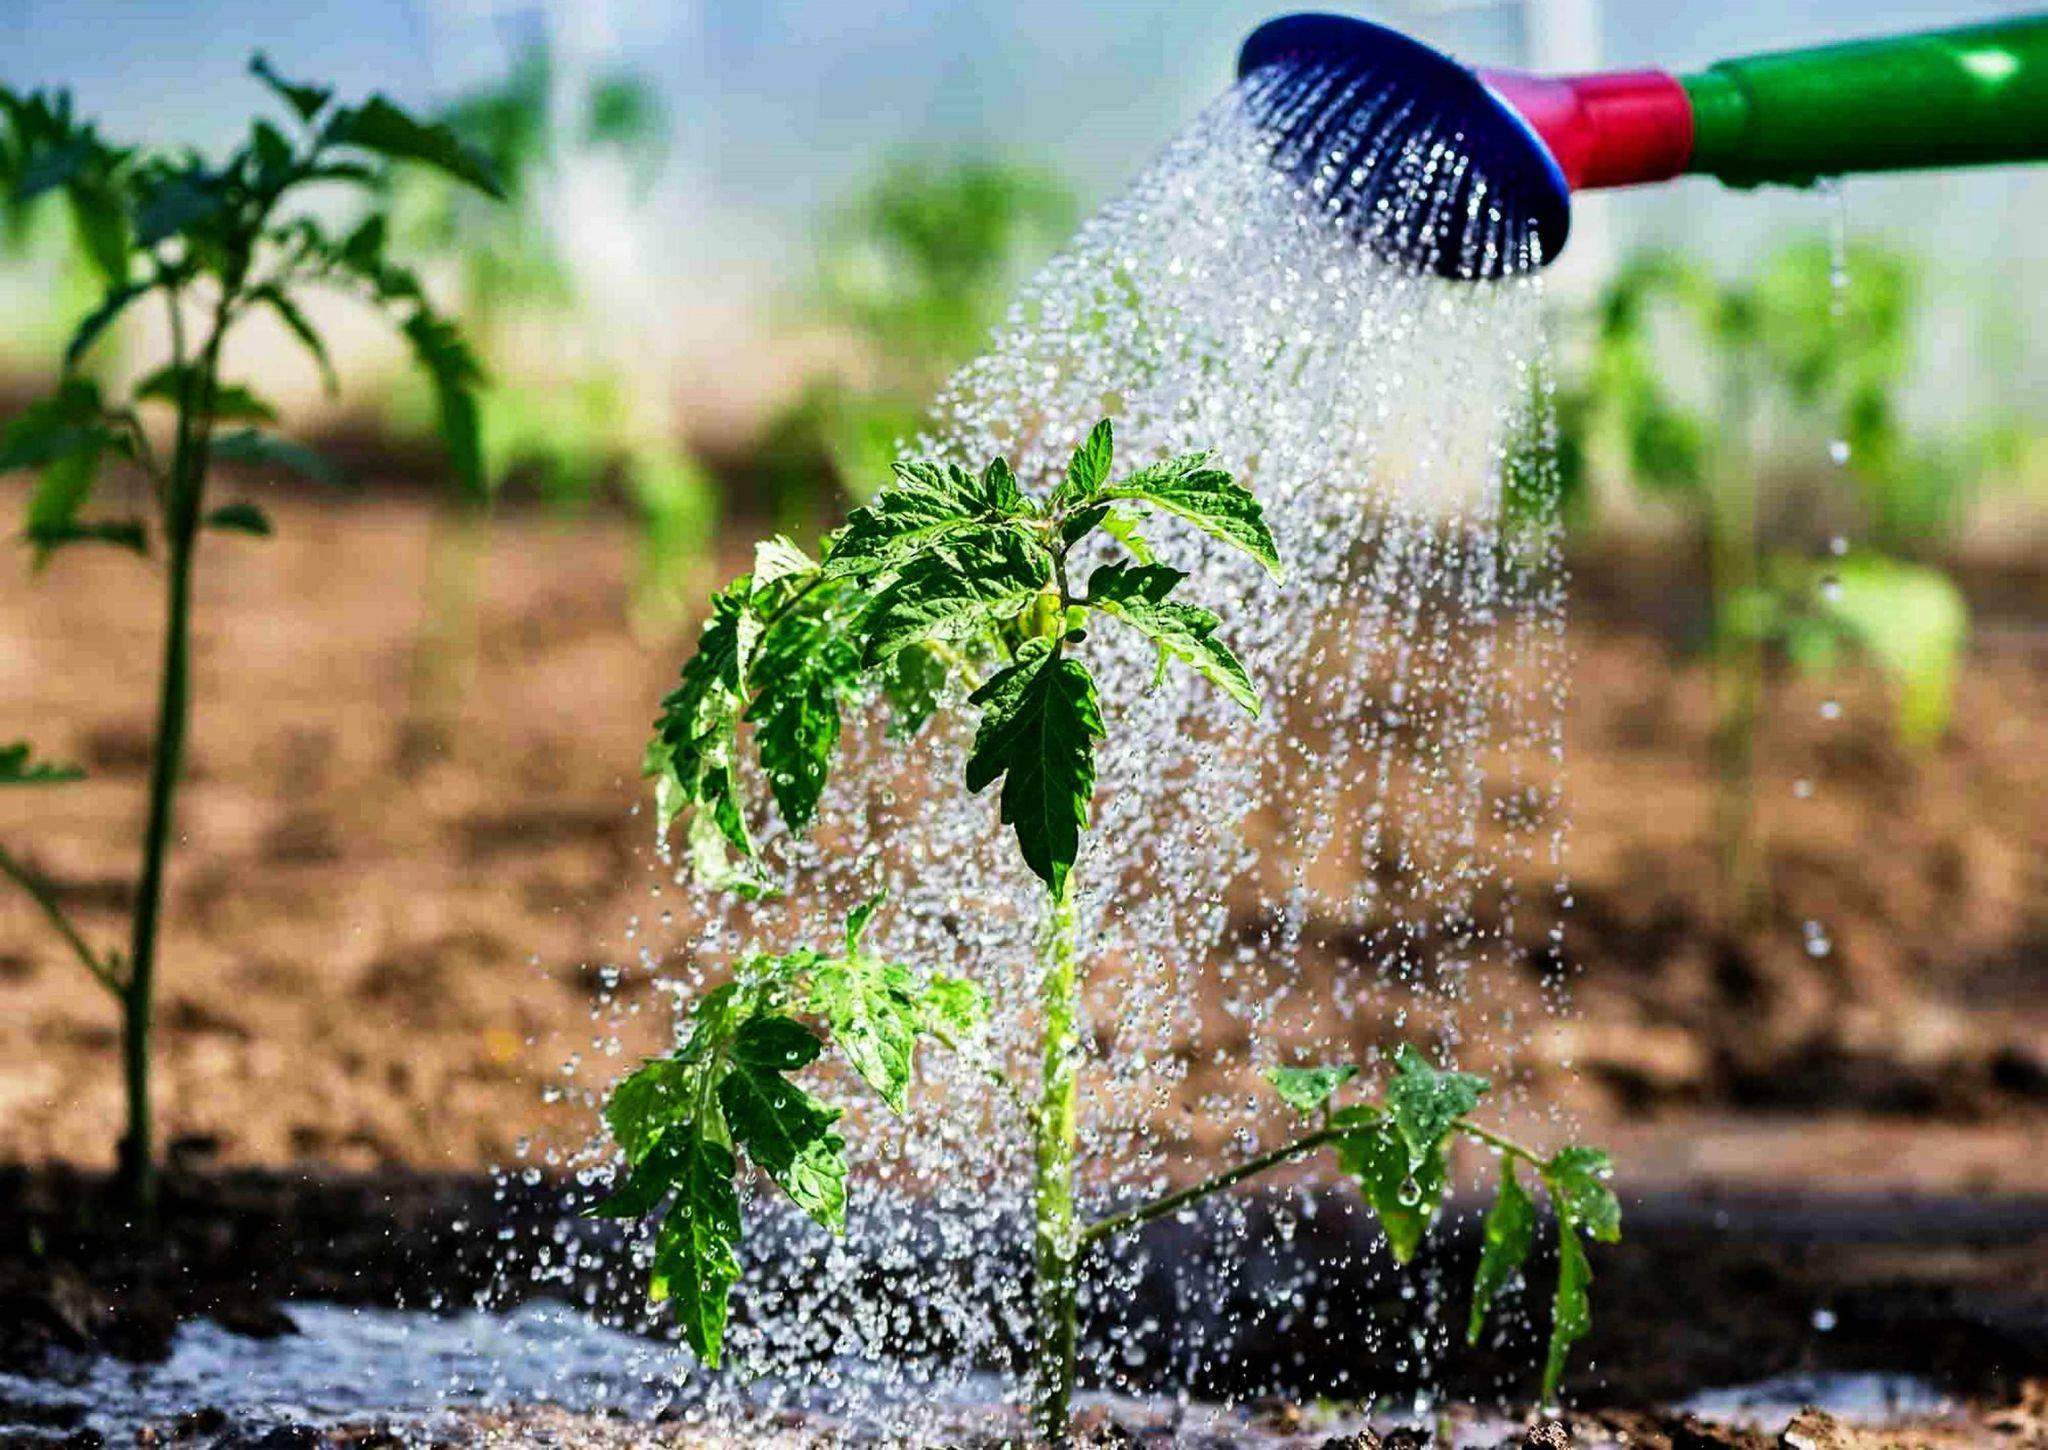 Посадка гортензии весной в открытый грунт: чем подкармливать, как высаживать, почва